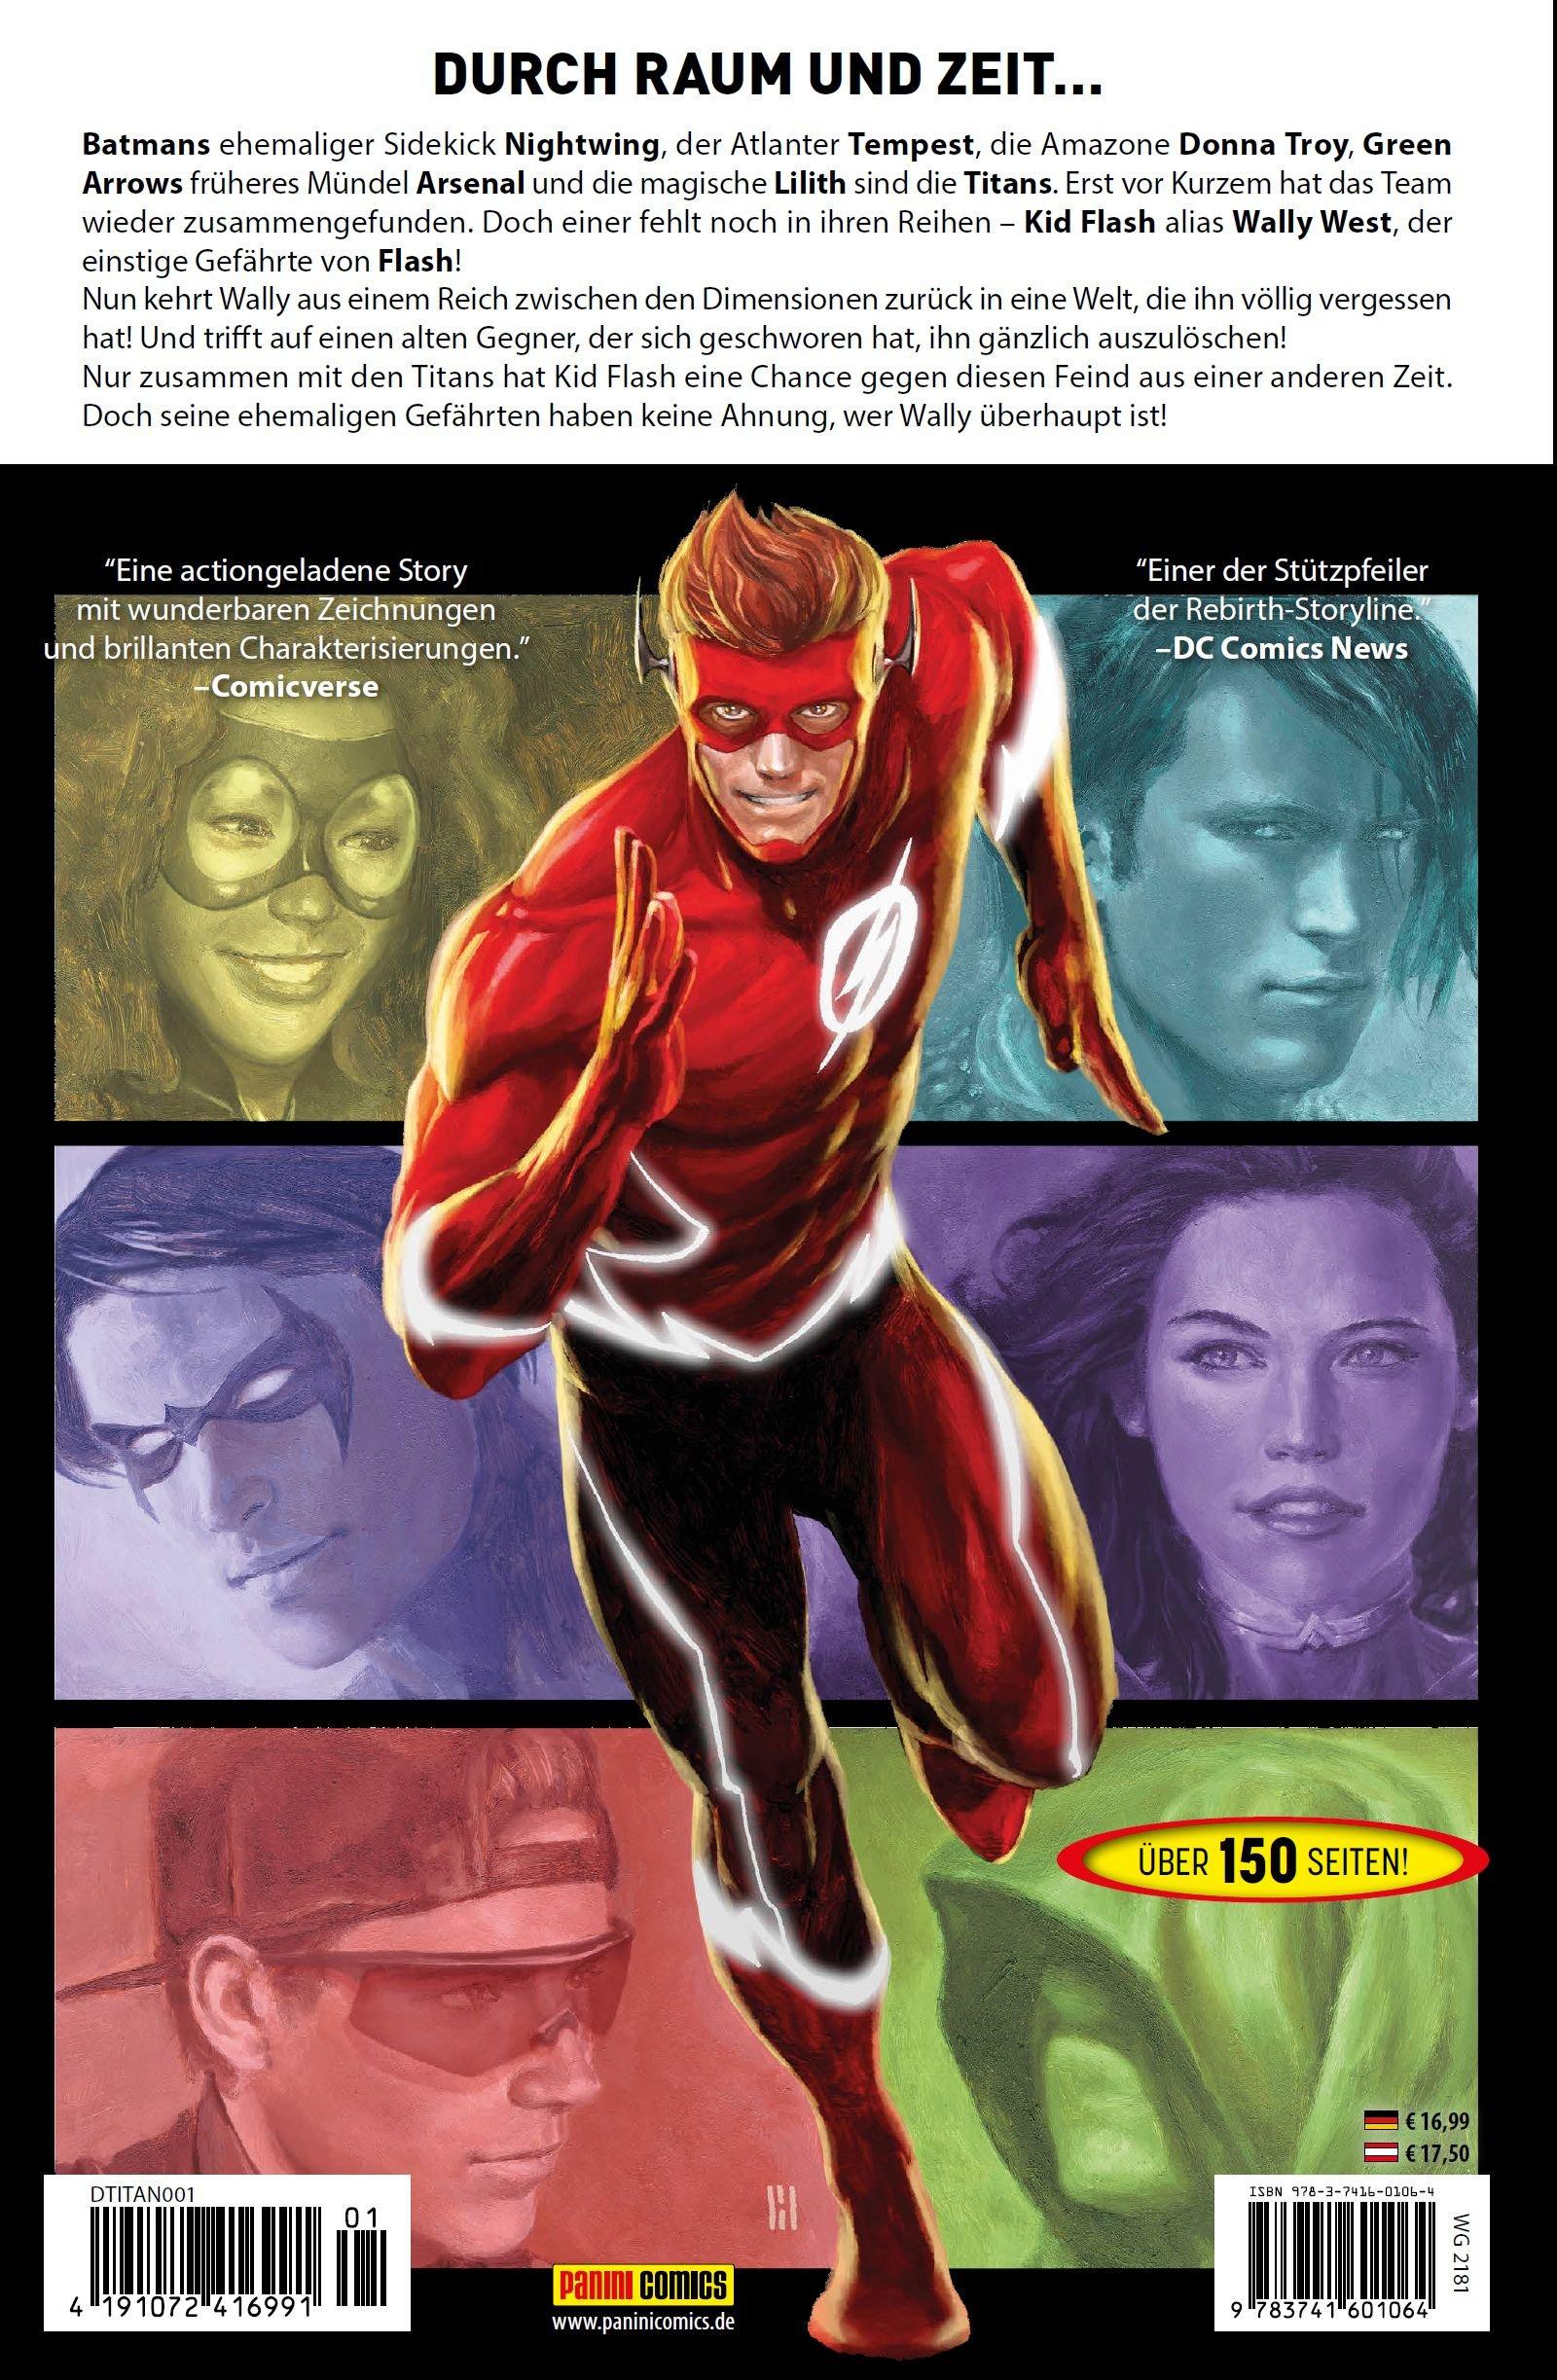 Titans: Bd. 1: Die Rückkehr von Wally West: Amazon.de: Dan Abnett ...